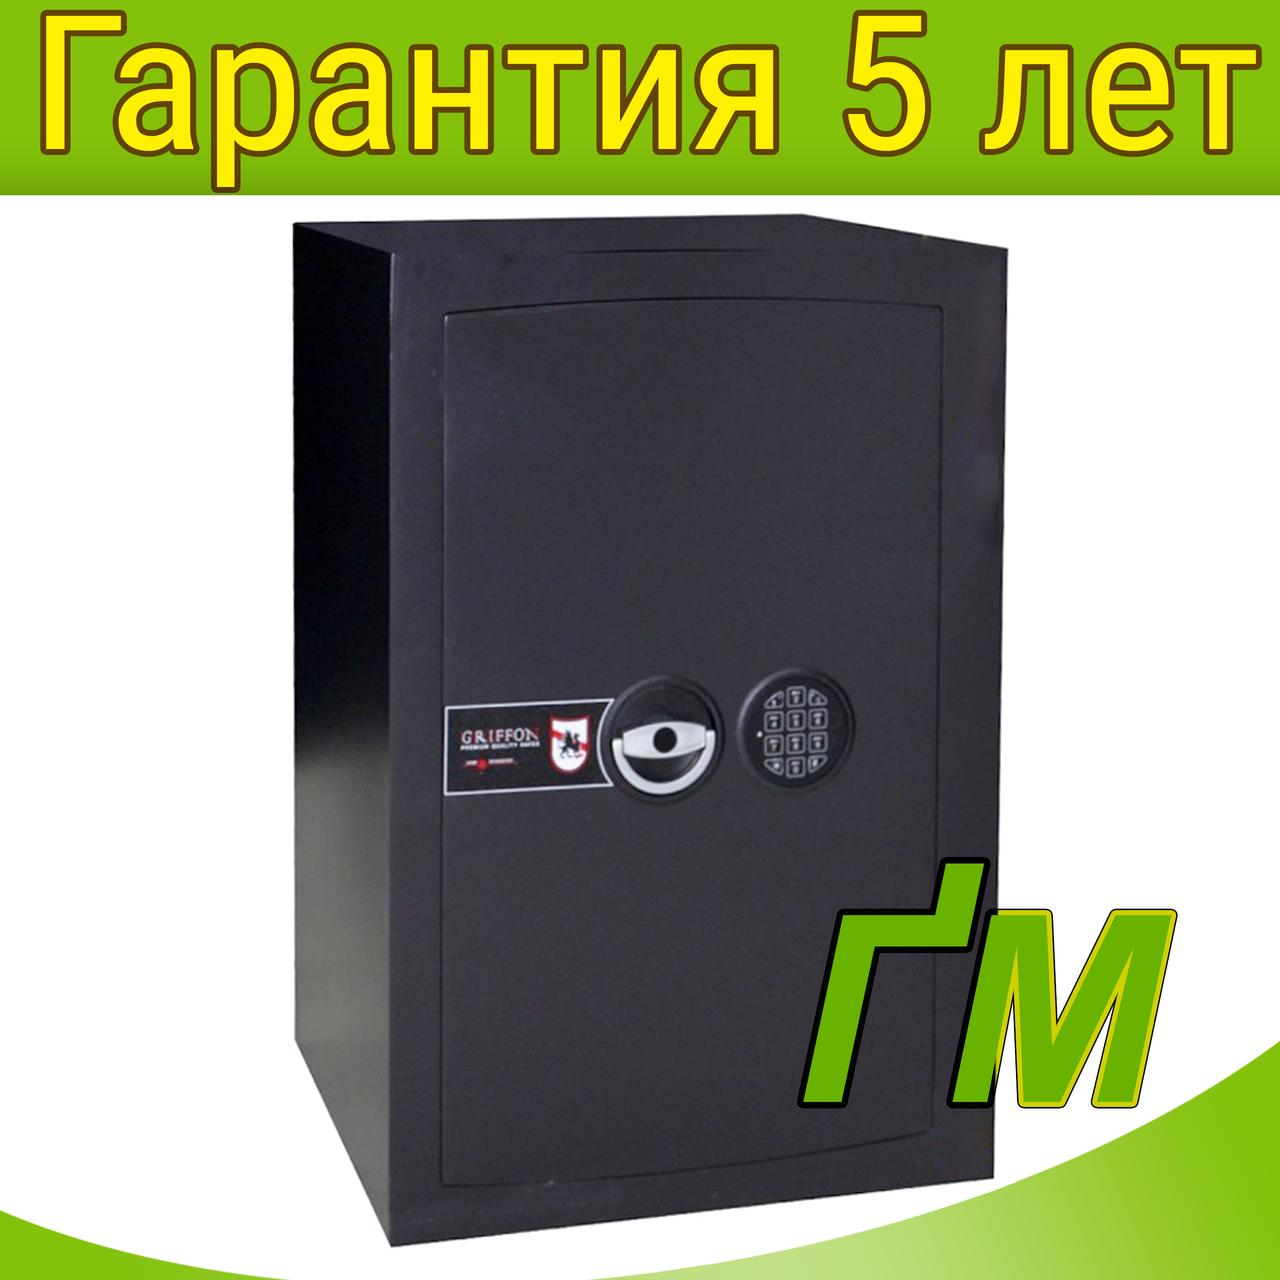 Сейф взломостойкий H.65.E black (650х435х400мм)